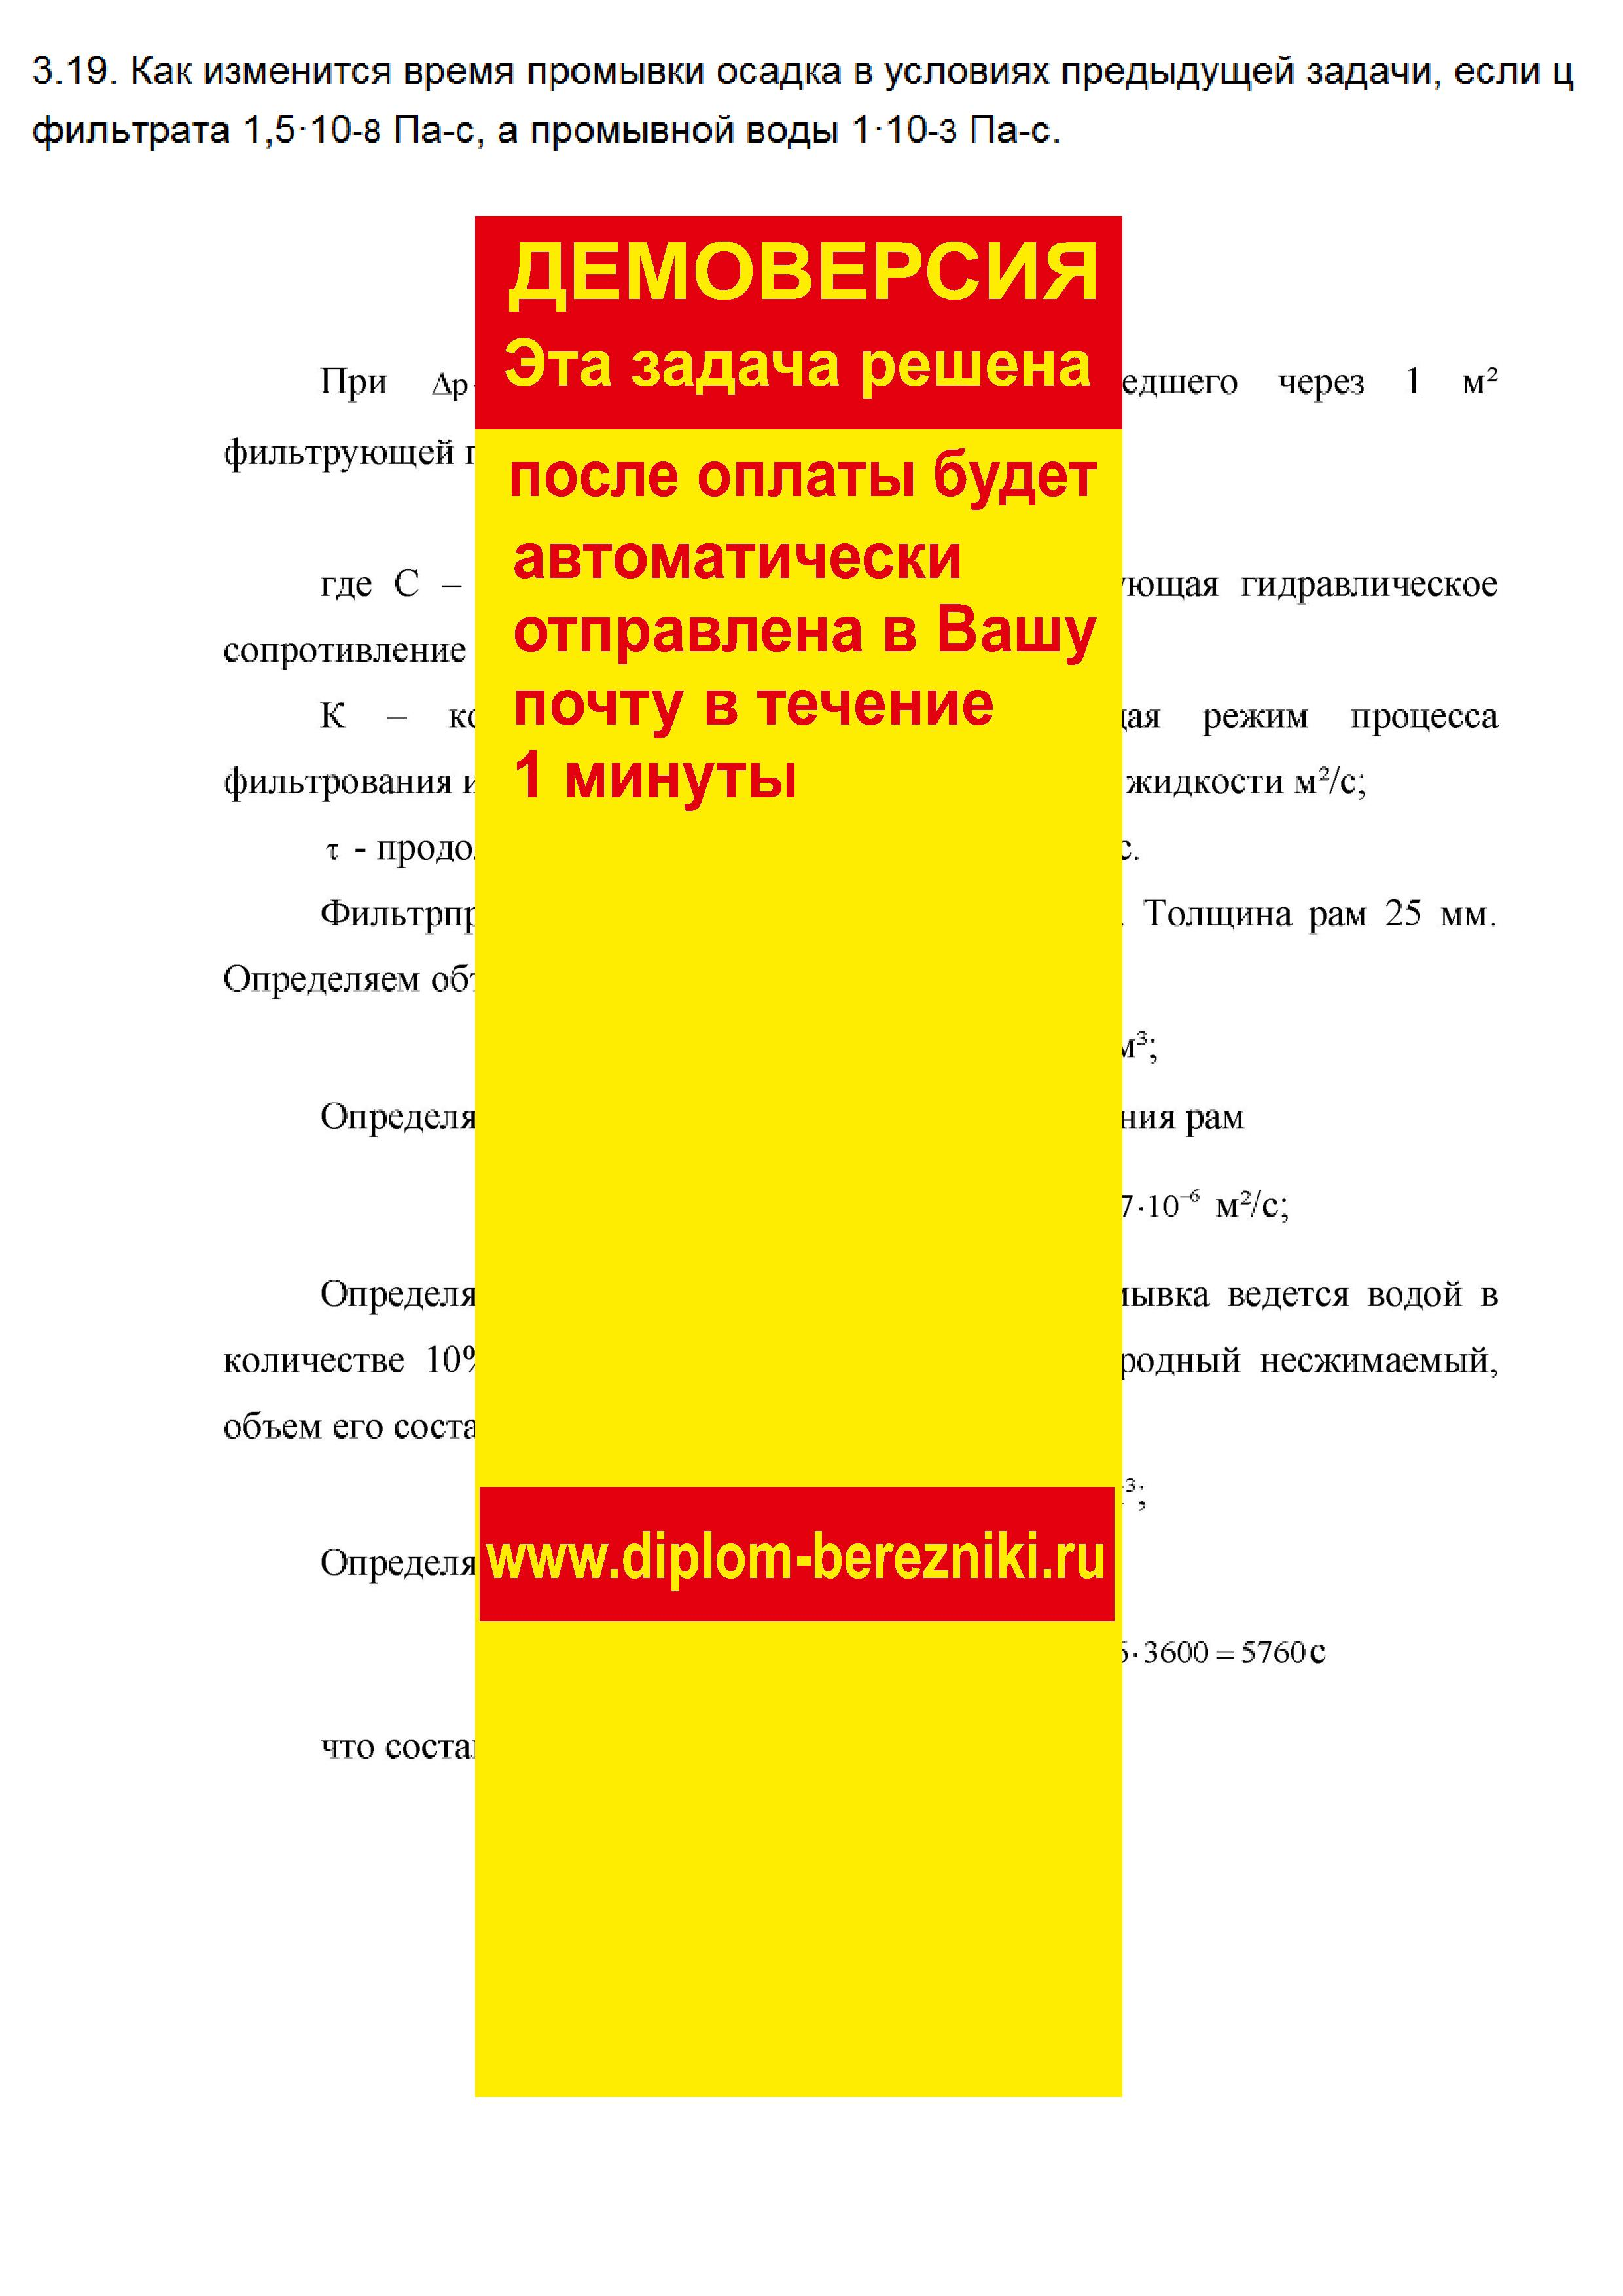 Решение задачи 3.19 по ПАХТ из задачника Павлова Романкова Носкова